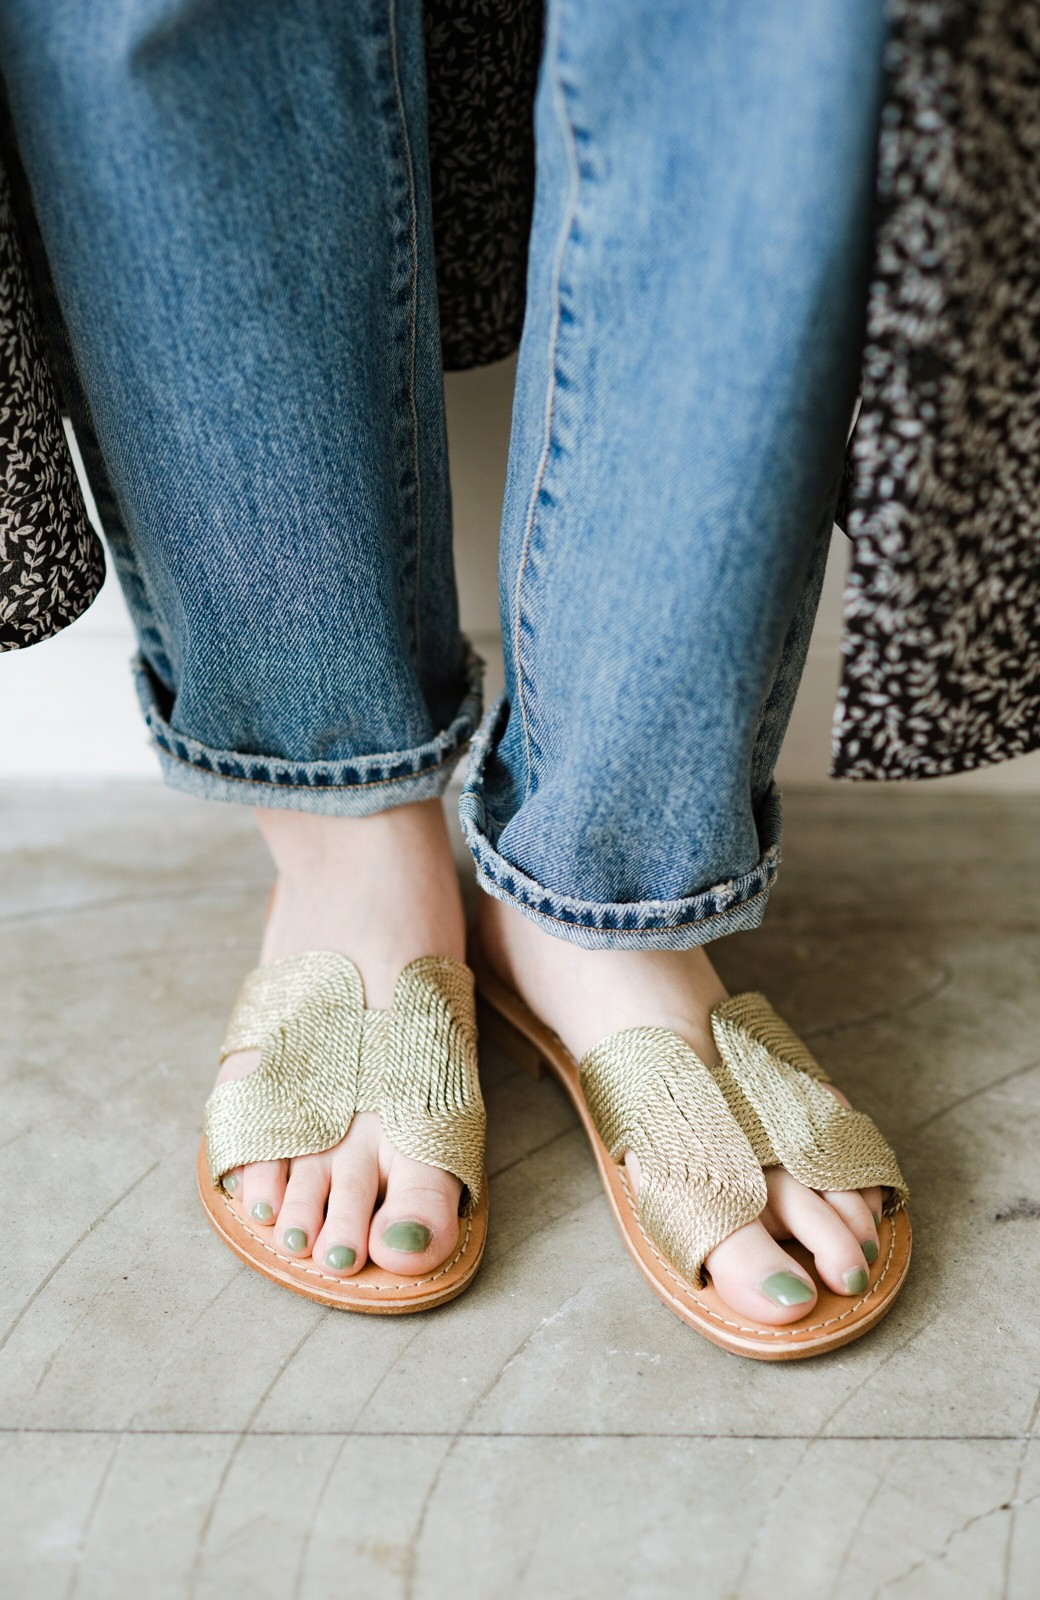 haco! EDER 素足をきれいに魅せてくれるゴールドカラーのフラットサンダル <ゴールド>の商品写真6